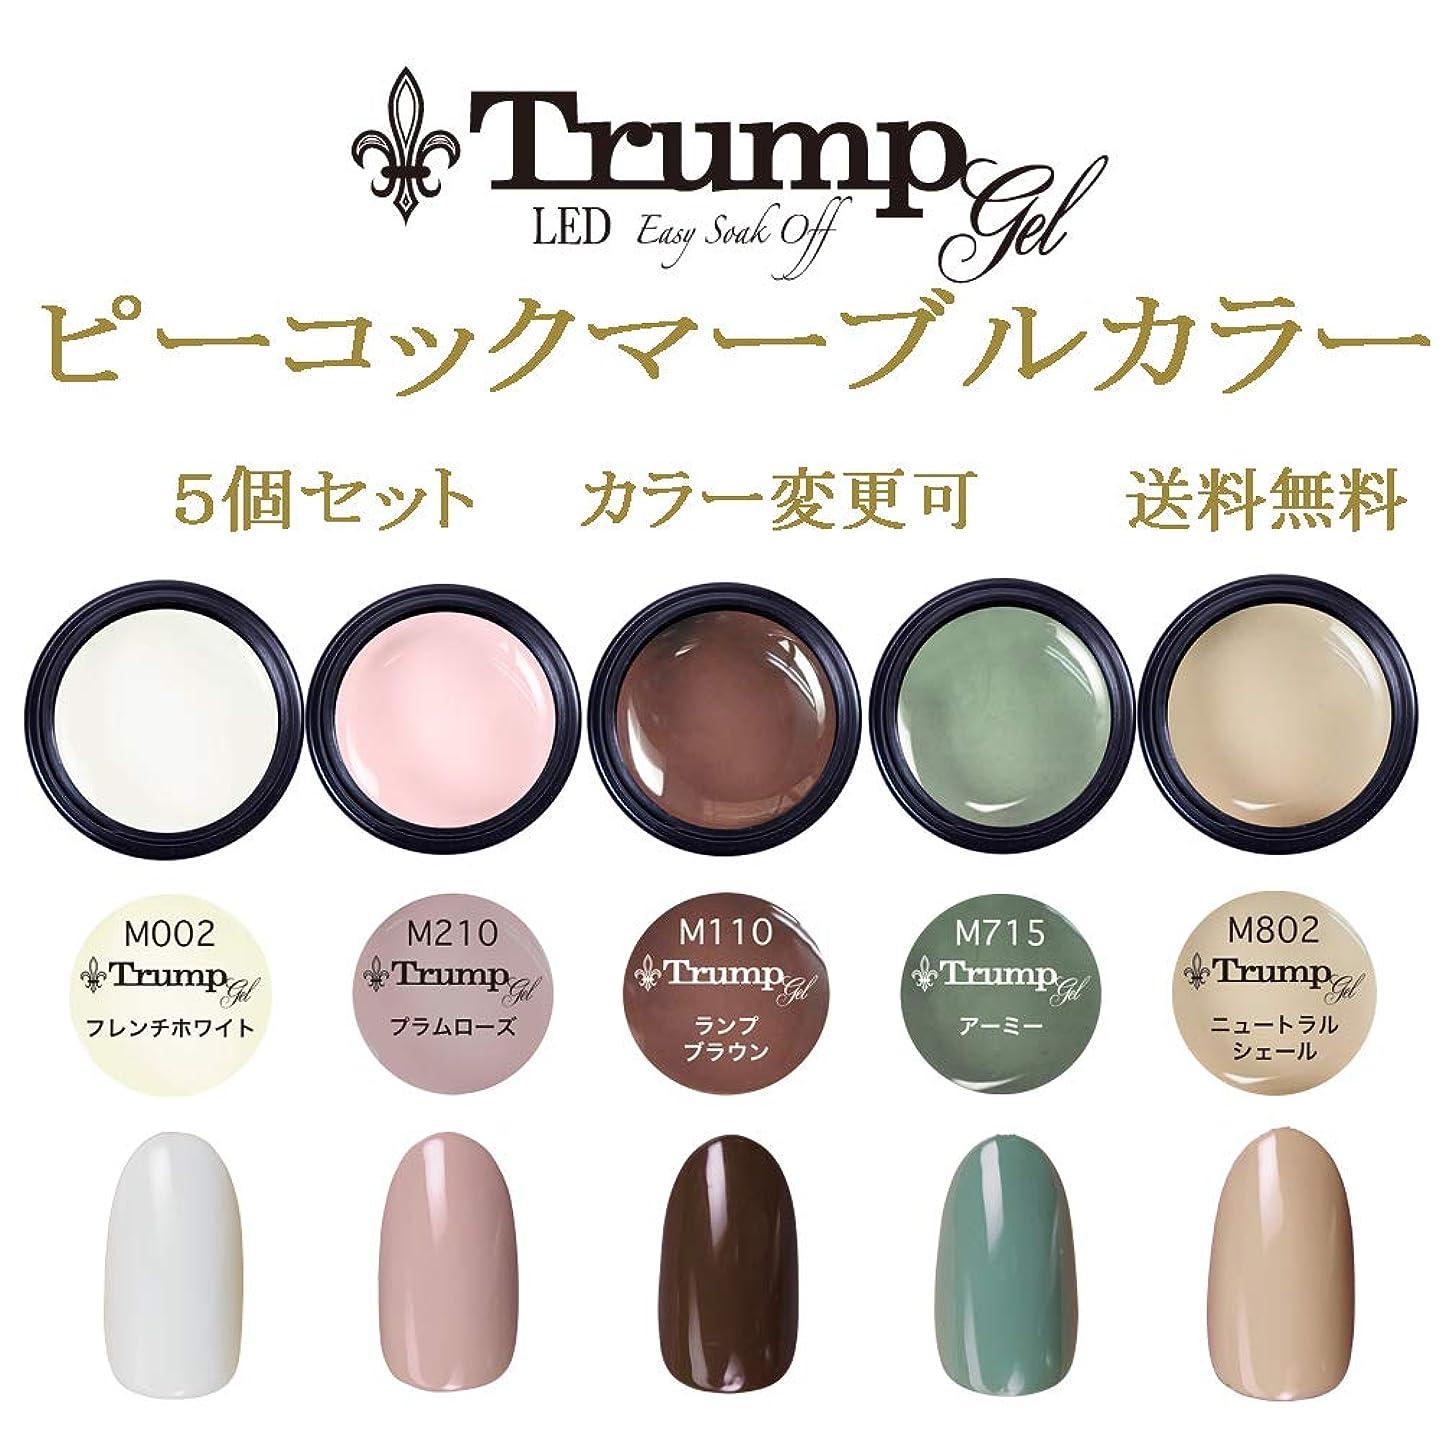 一流ティーンエイジャーようこそ【送料無料】日本製 Trump gel トランプジェル ピーコックマーブル カラージェル 5個セット 魅惑のフロストマットトップとマットに合う人気カラーをチョイス